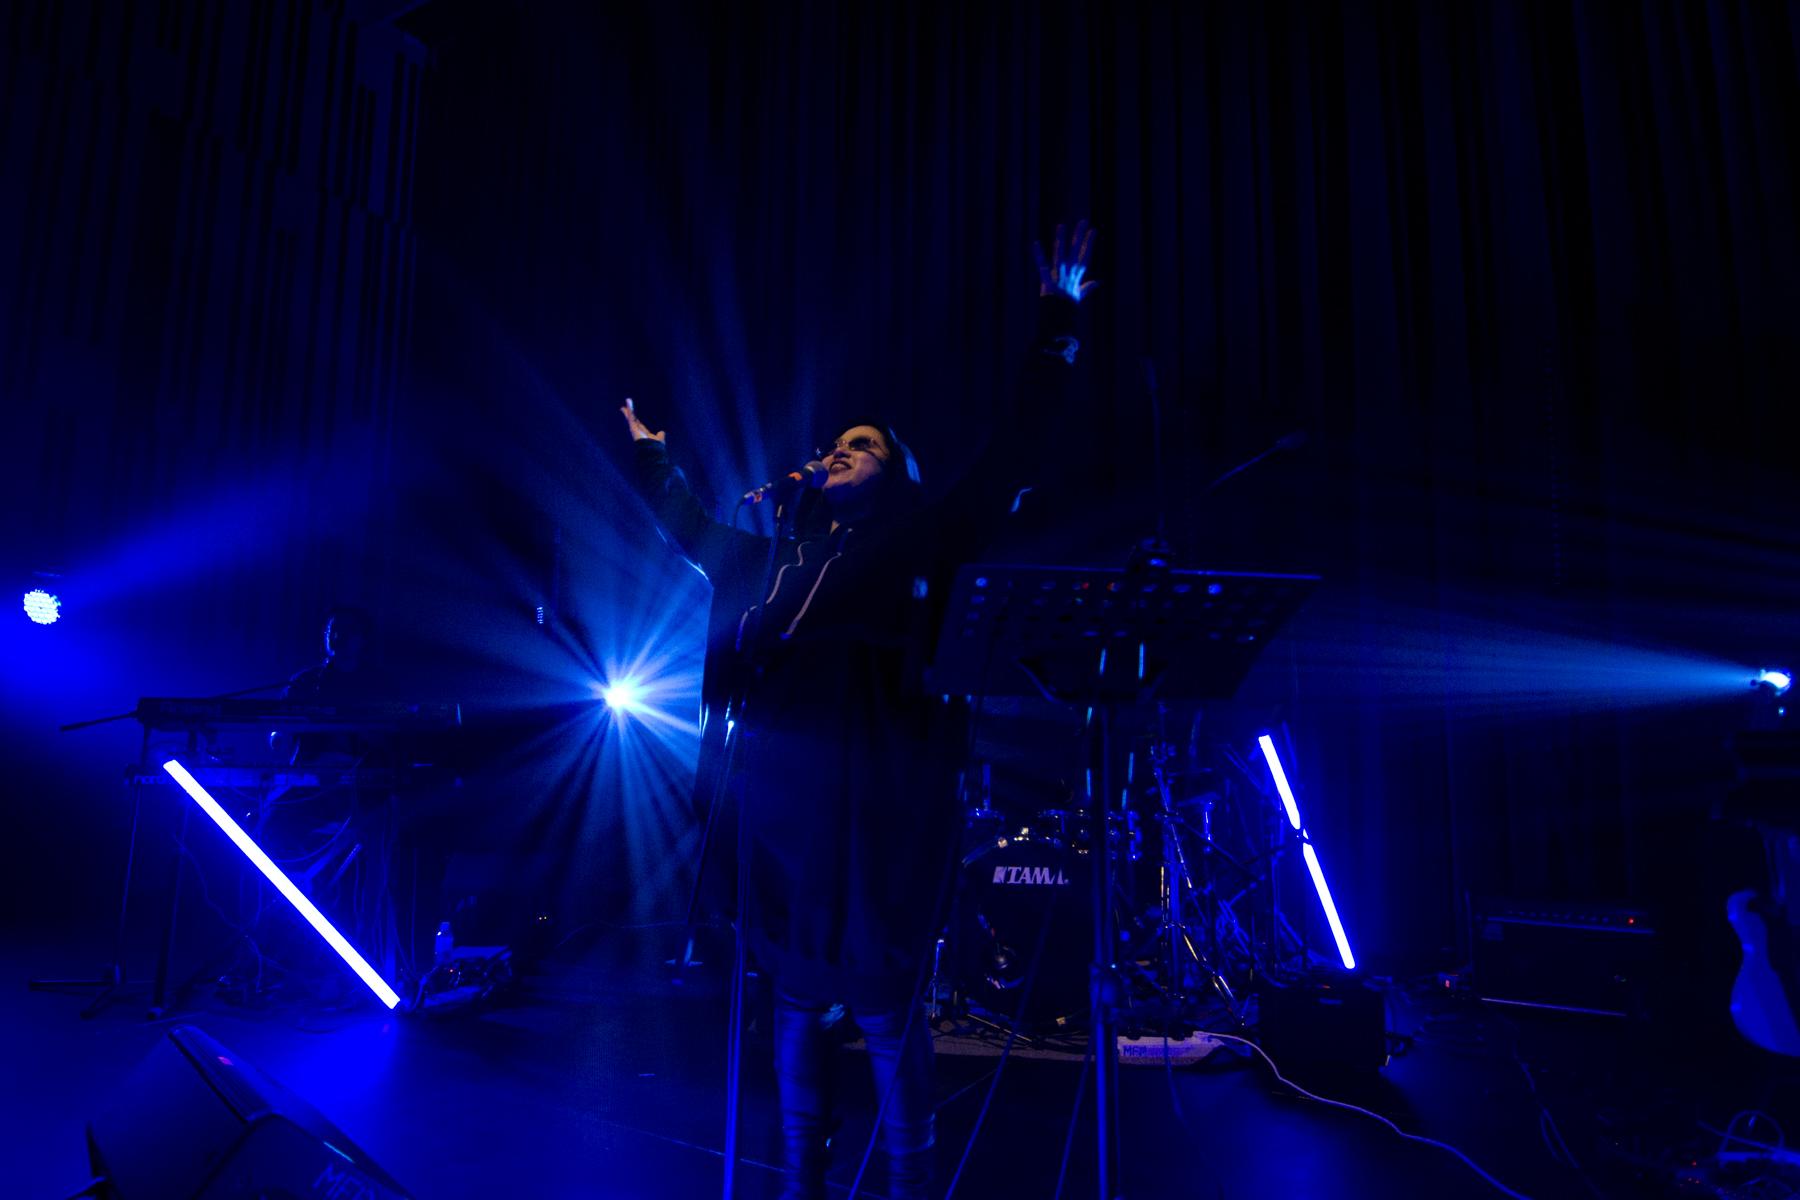 Njwa - Live at Buka Panggung, 19/1/2019